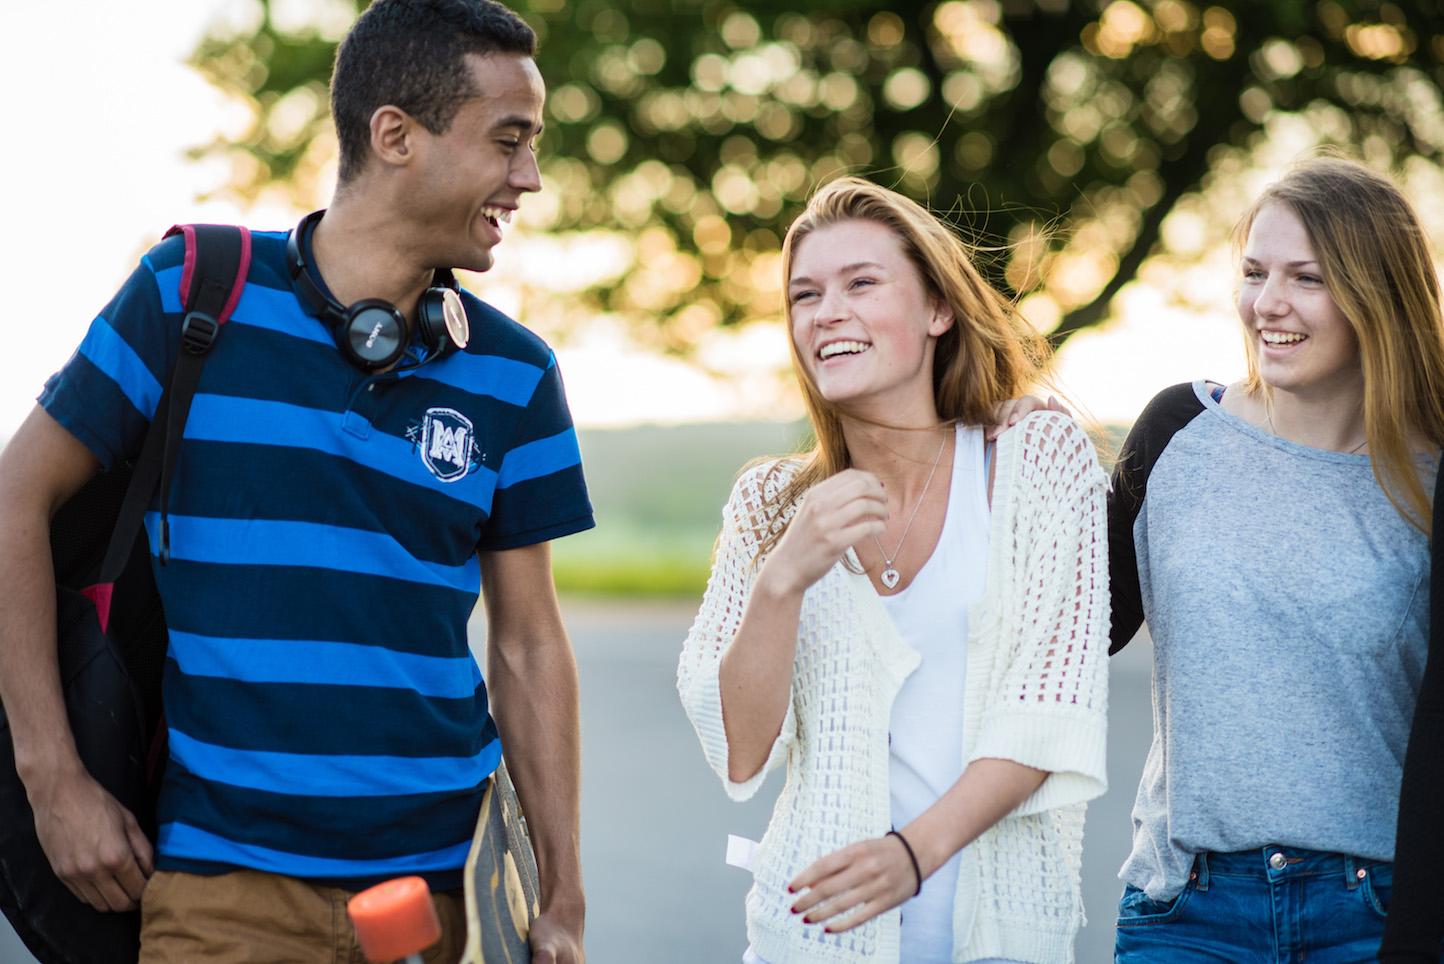 Elever ved Gjennestad vgs